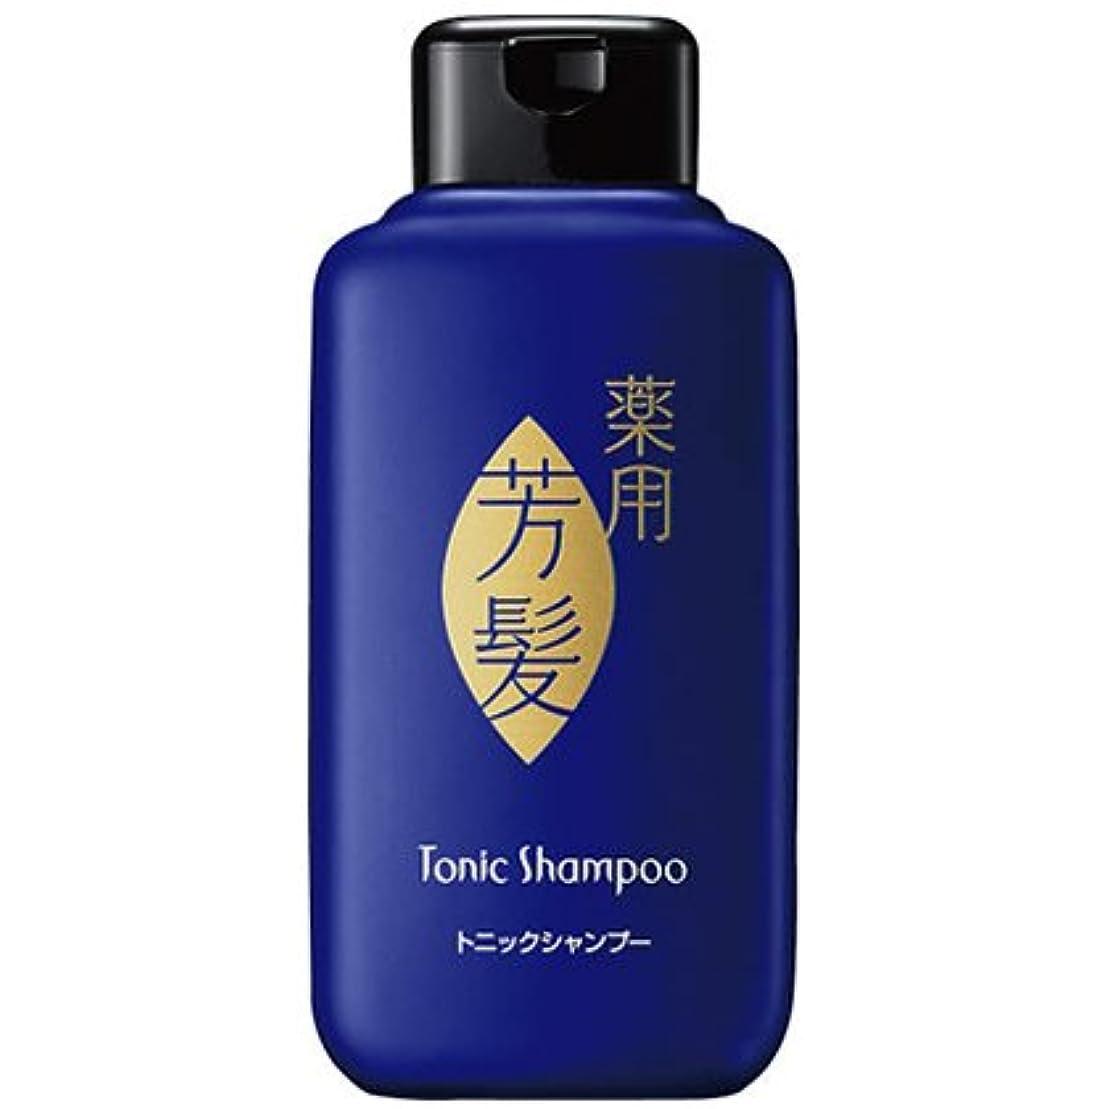 カレッジ性能発表するエイボン 薬用 芳髪 フォーメン トニック シャンプー(医薬部外品)250ml